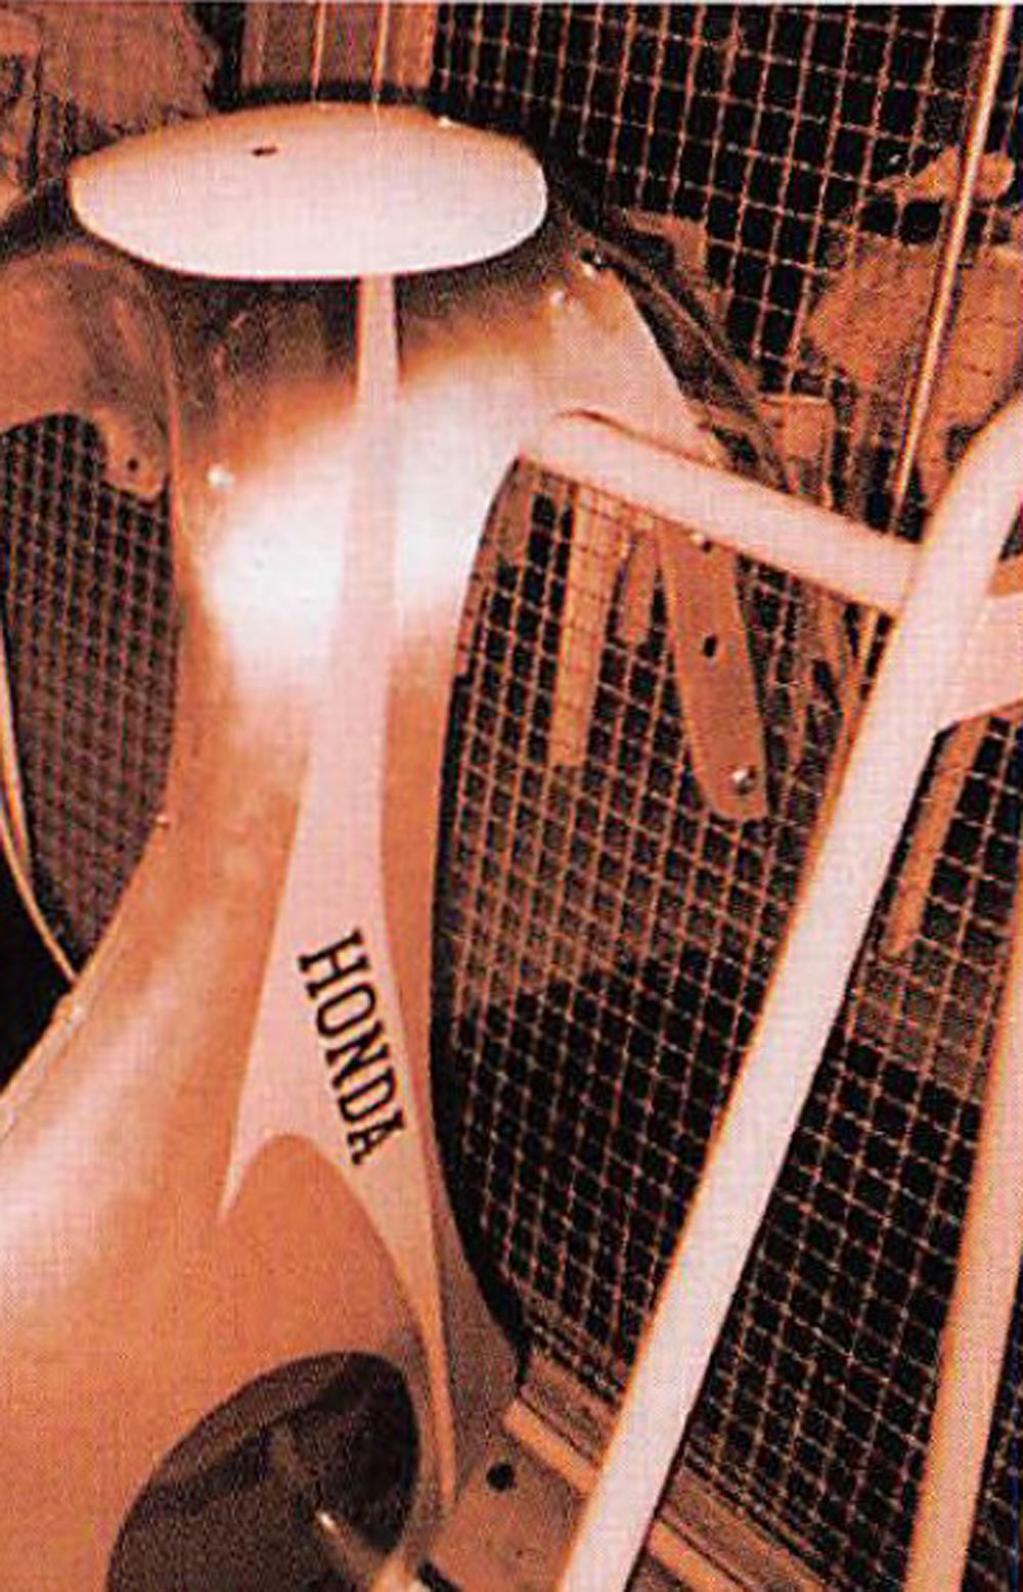 カスタム不要のスーパーカブ?  DOHC4バルブ搭載の名車「CR110カブレーシング」って?